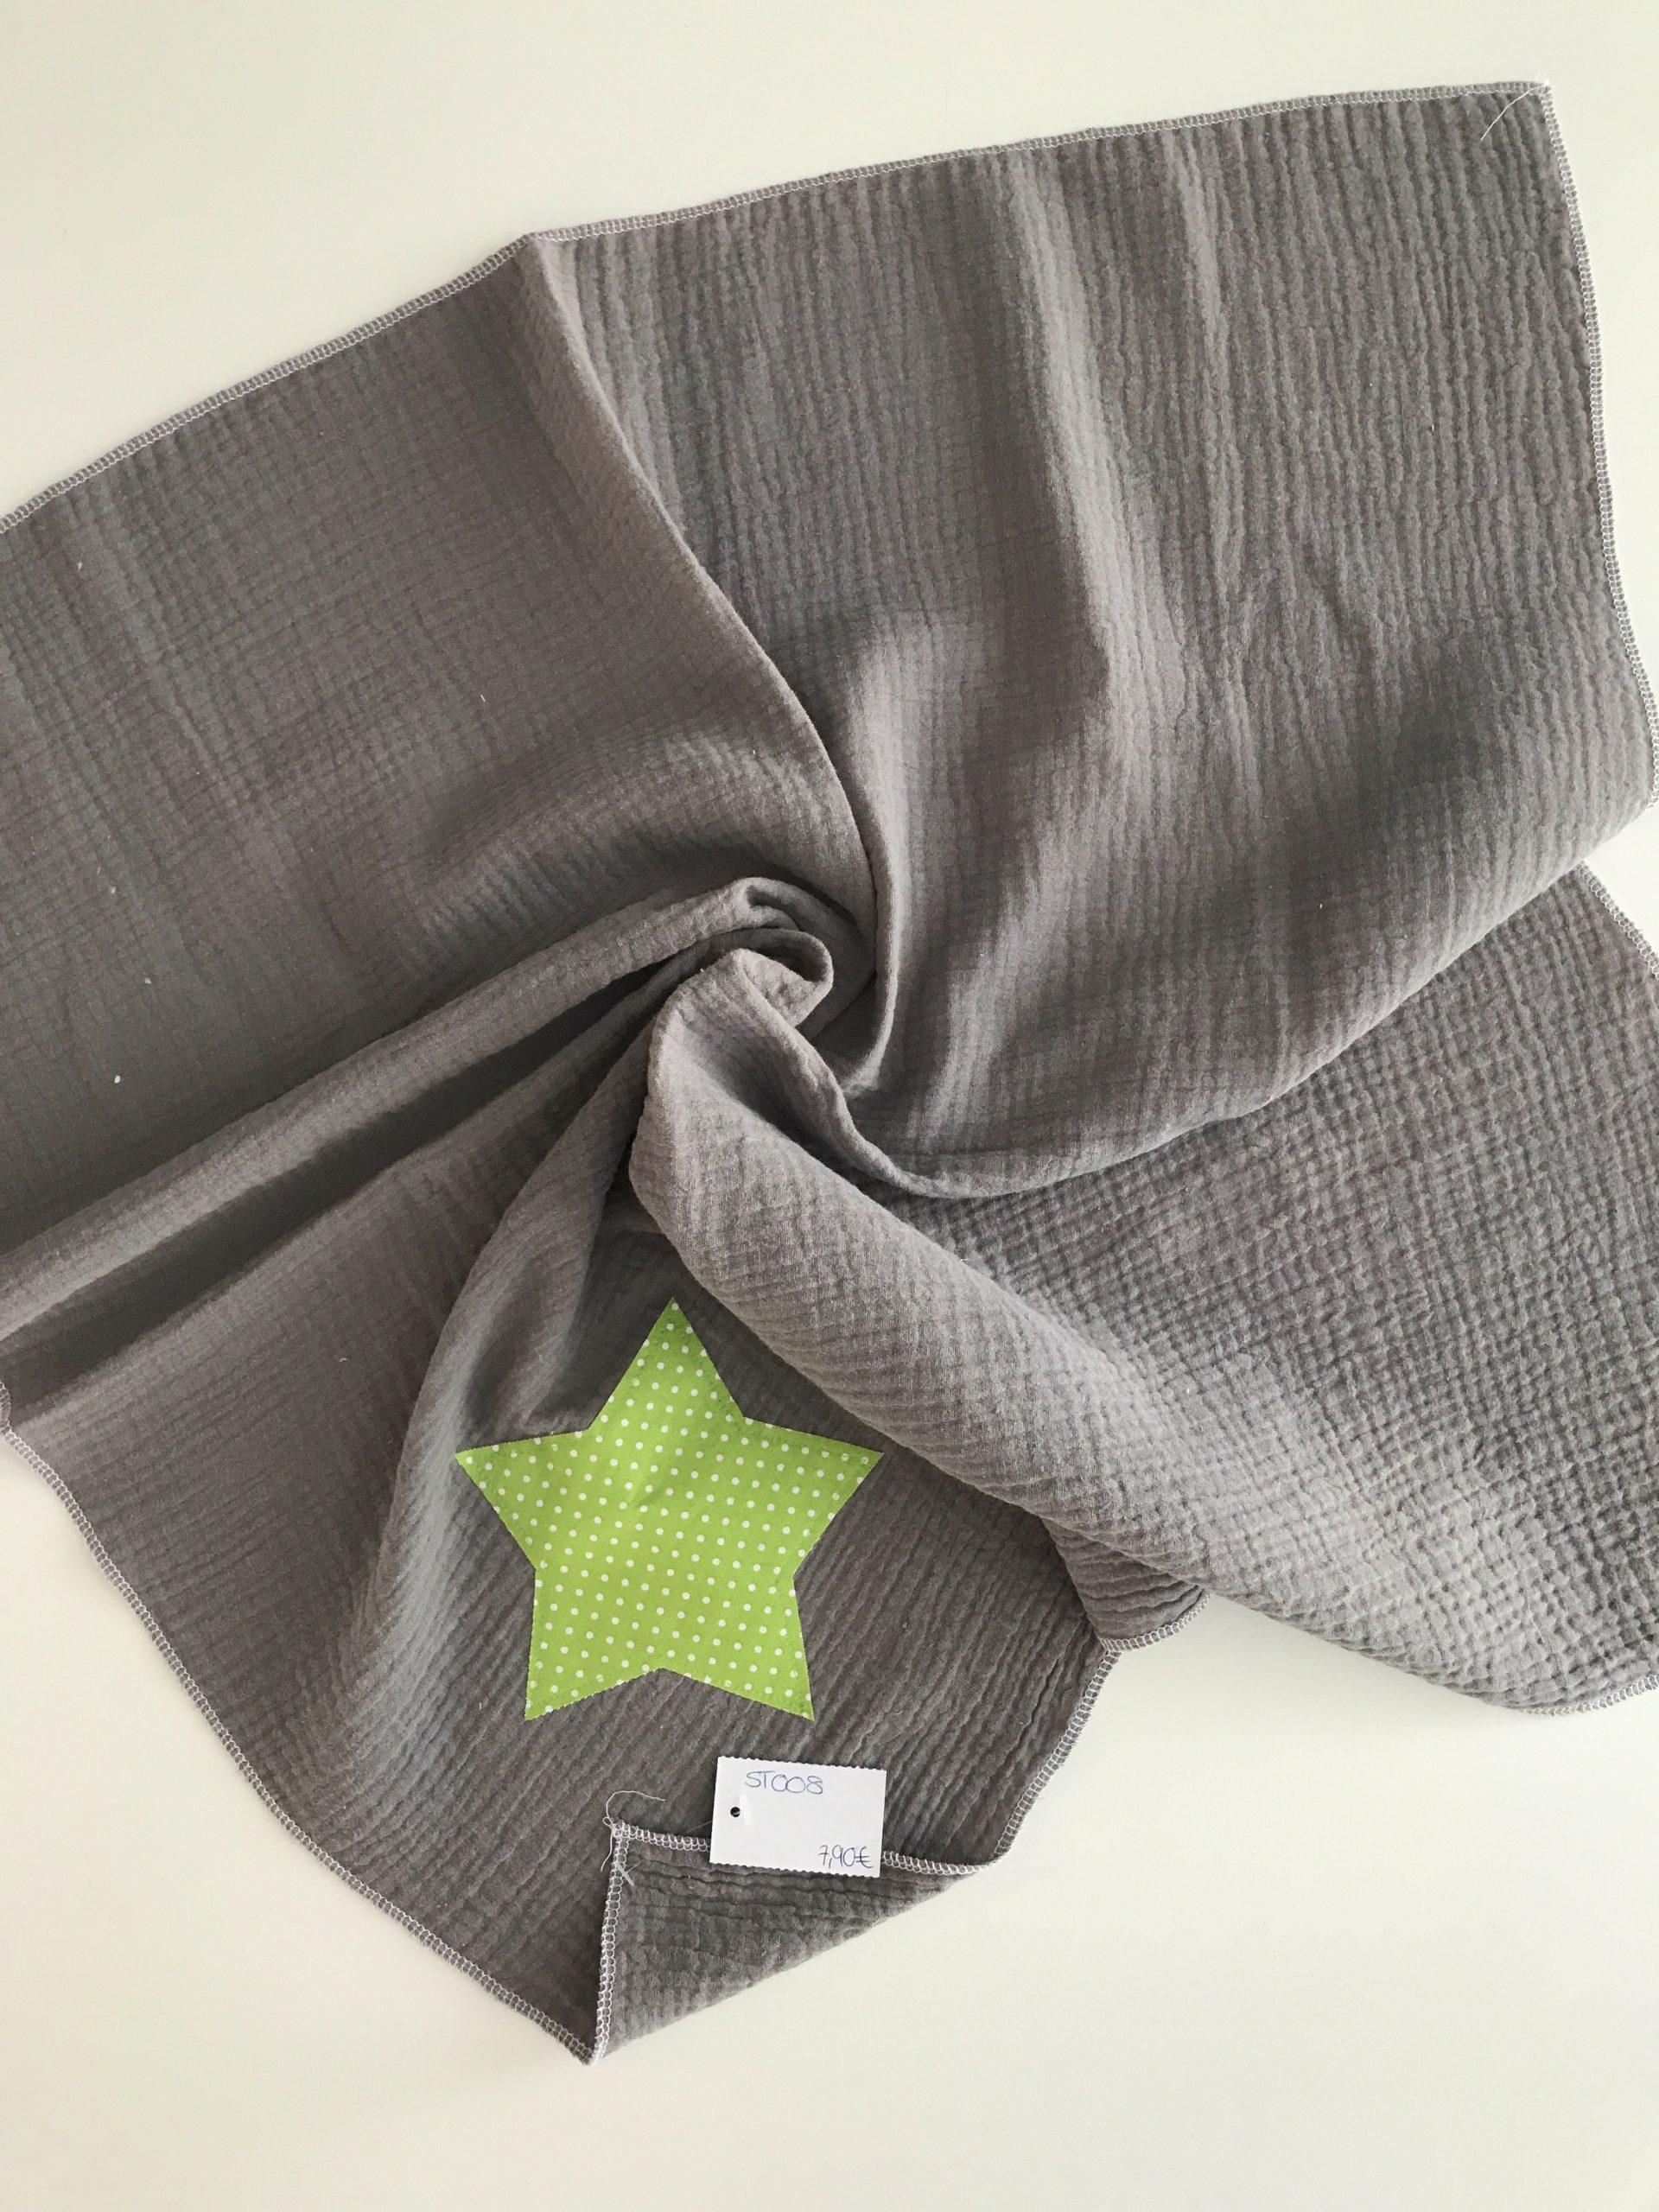 Spucktuch aus Moltonstoff ca. 65x65cm, Grau mit hellgrünen Stern